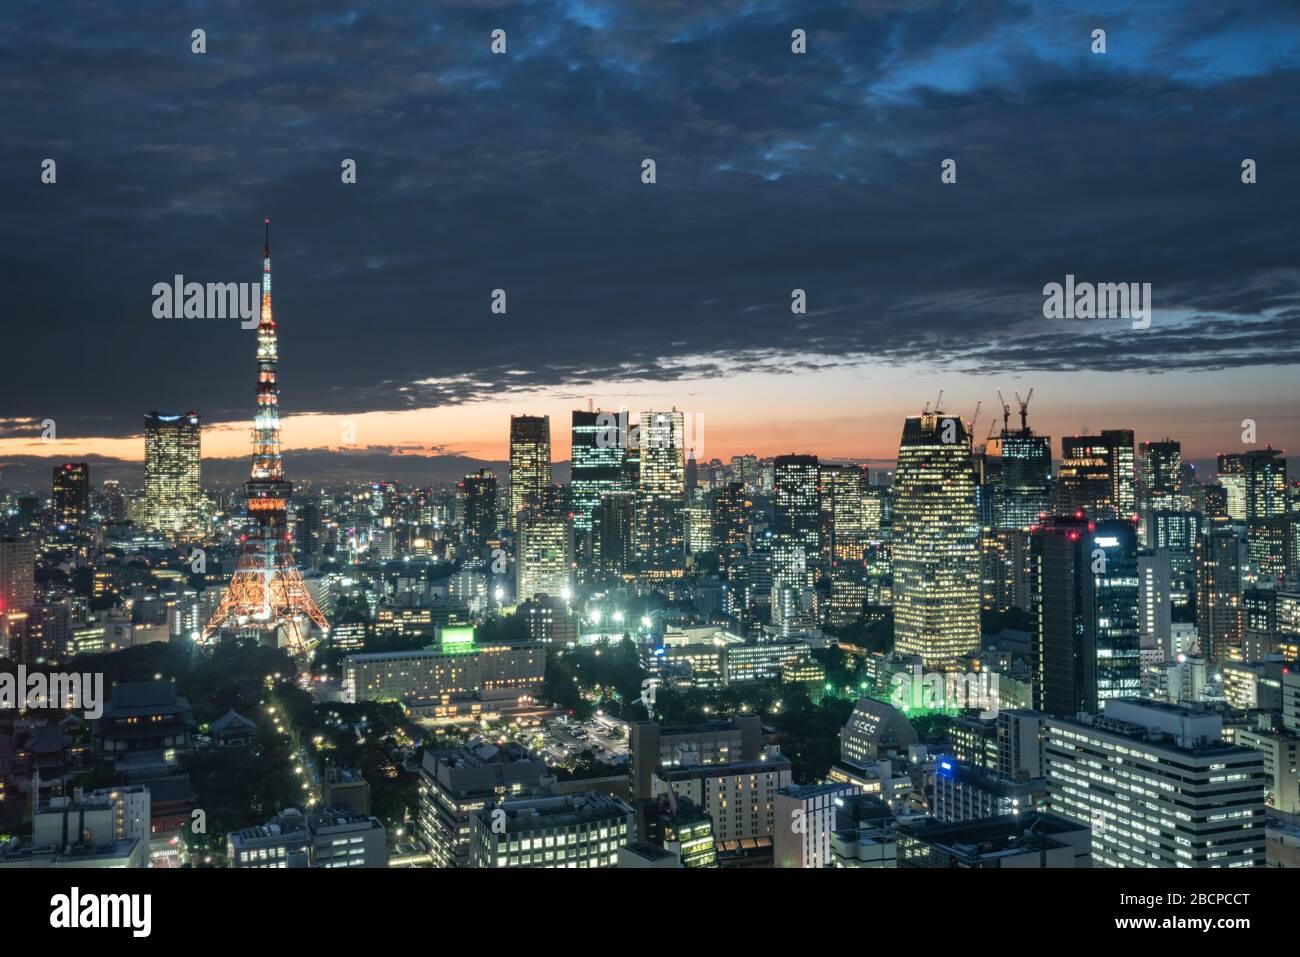 Tokio, Japón - 27 de septiembre de 2018: Vista al atardecer del paisaje urbano de Tokio desde el observatorio del edificio del World Trade Center Foto de stock